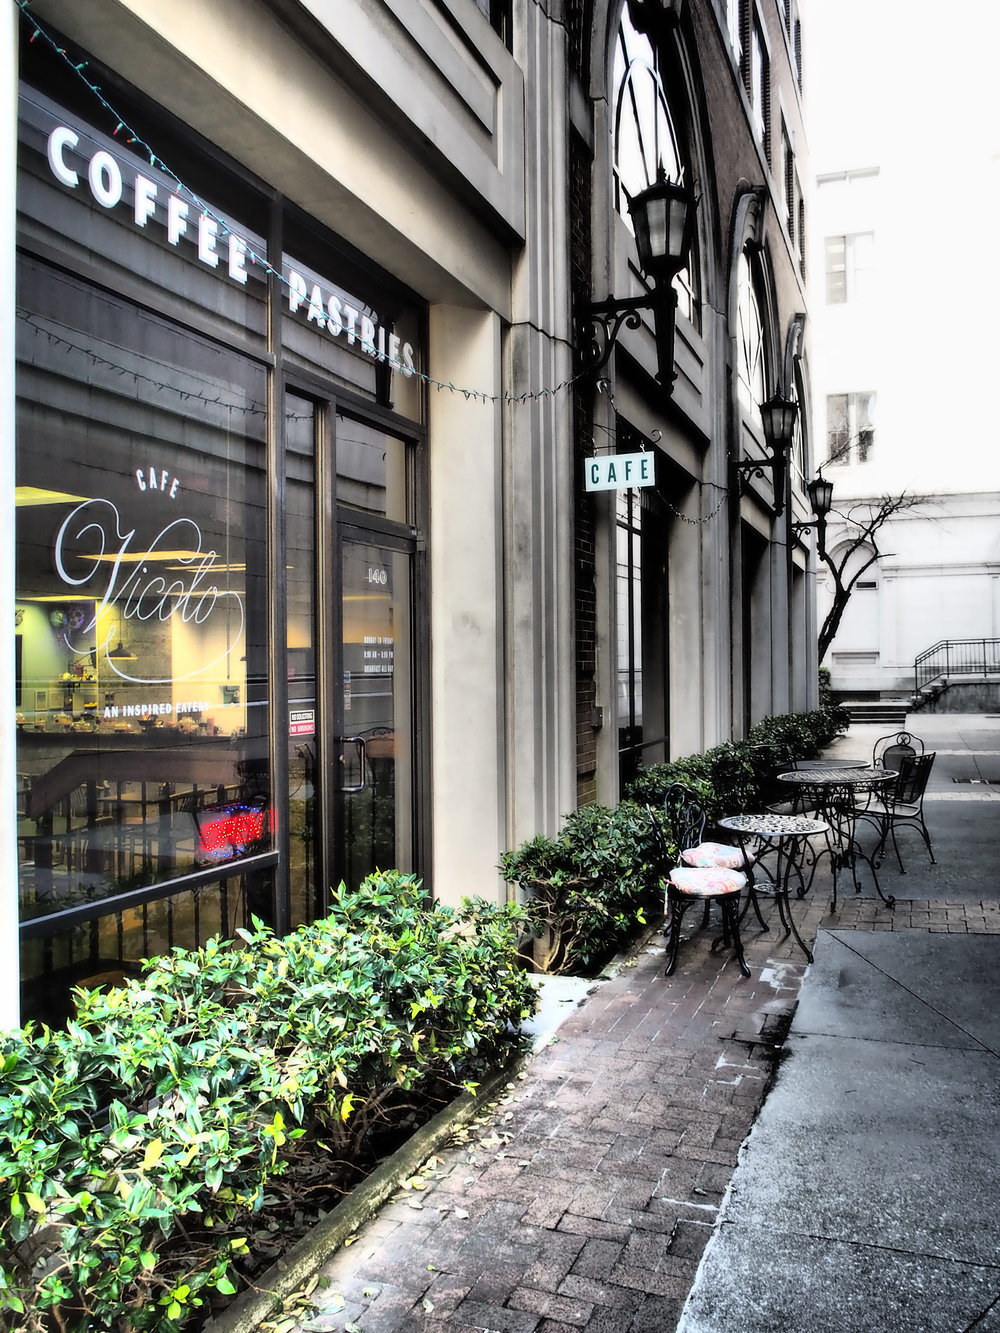 Cafe Vicolo 1.JPG